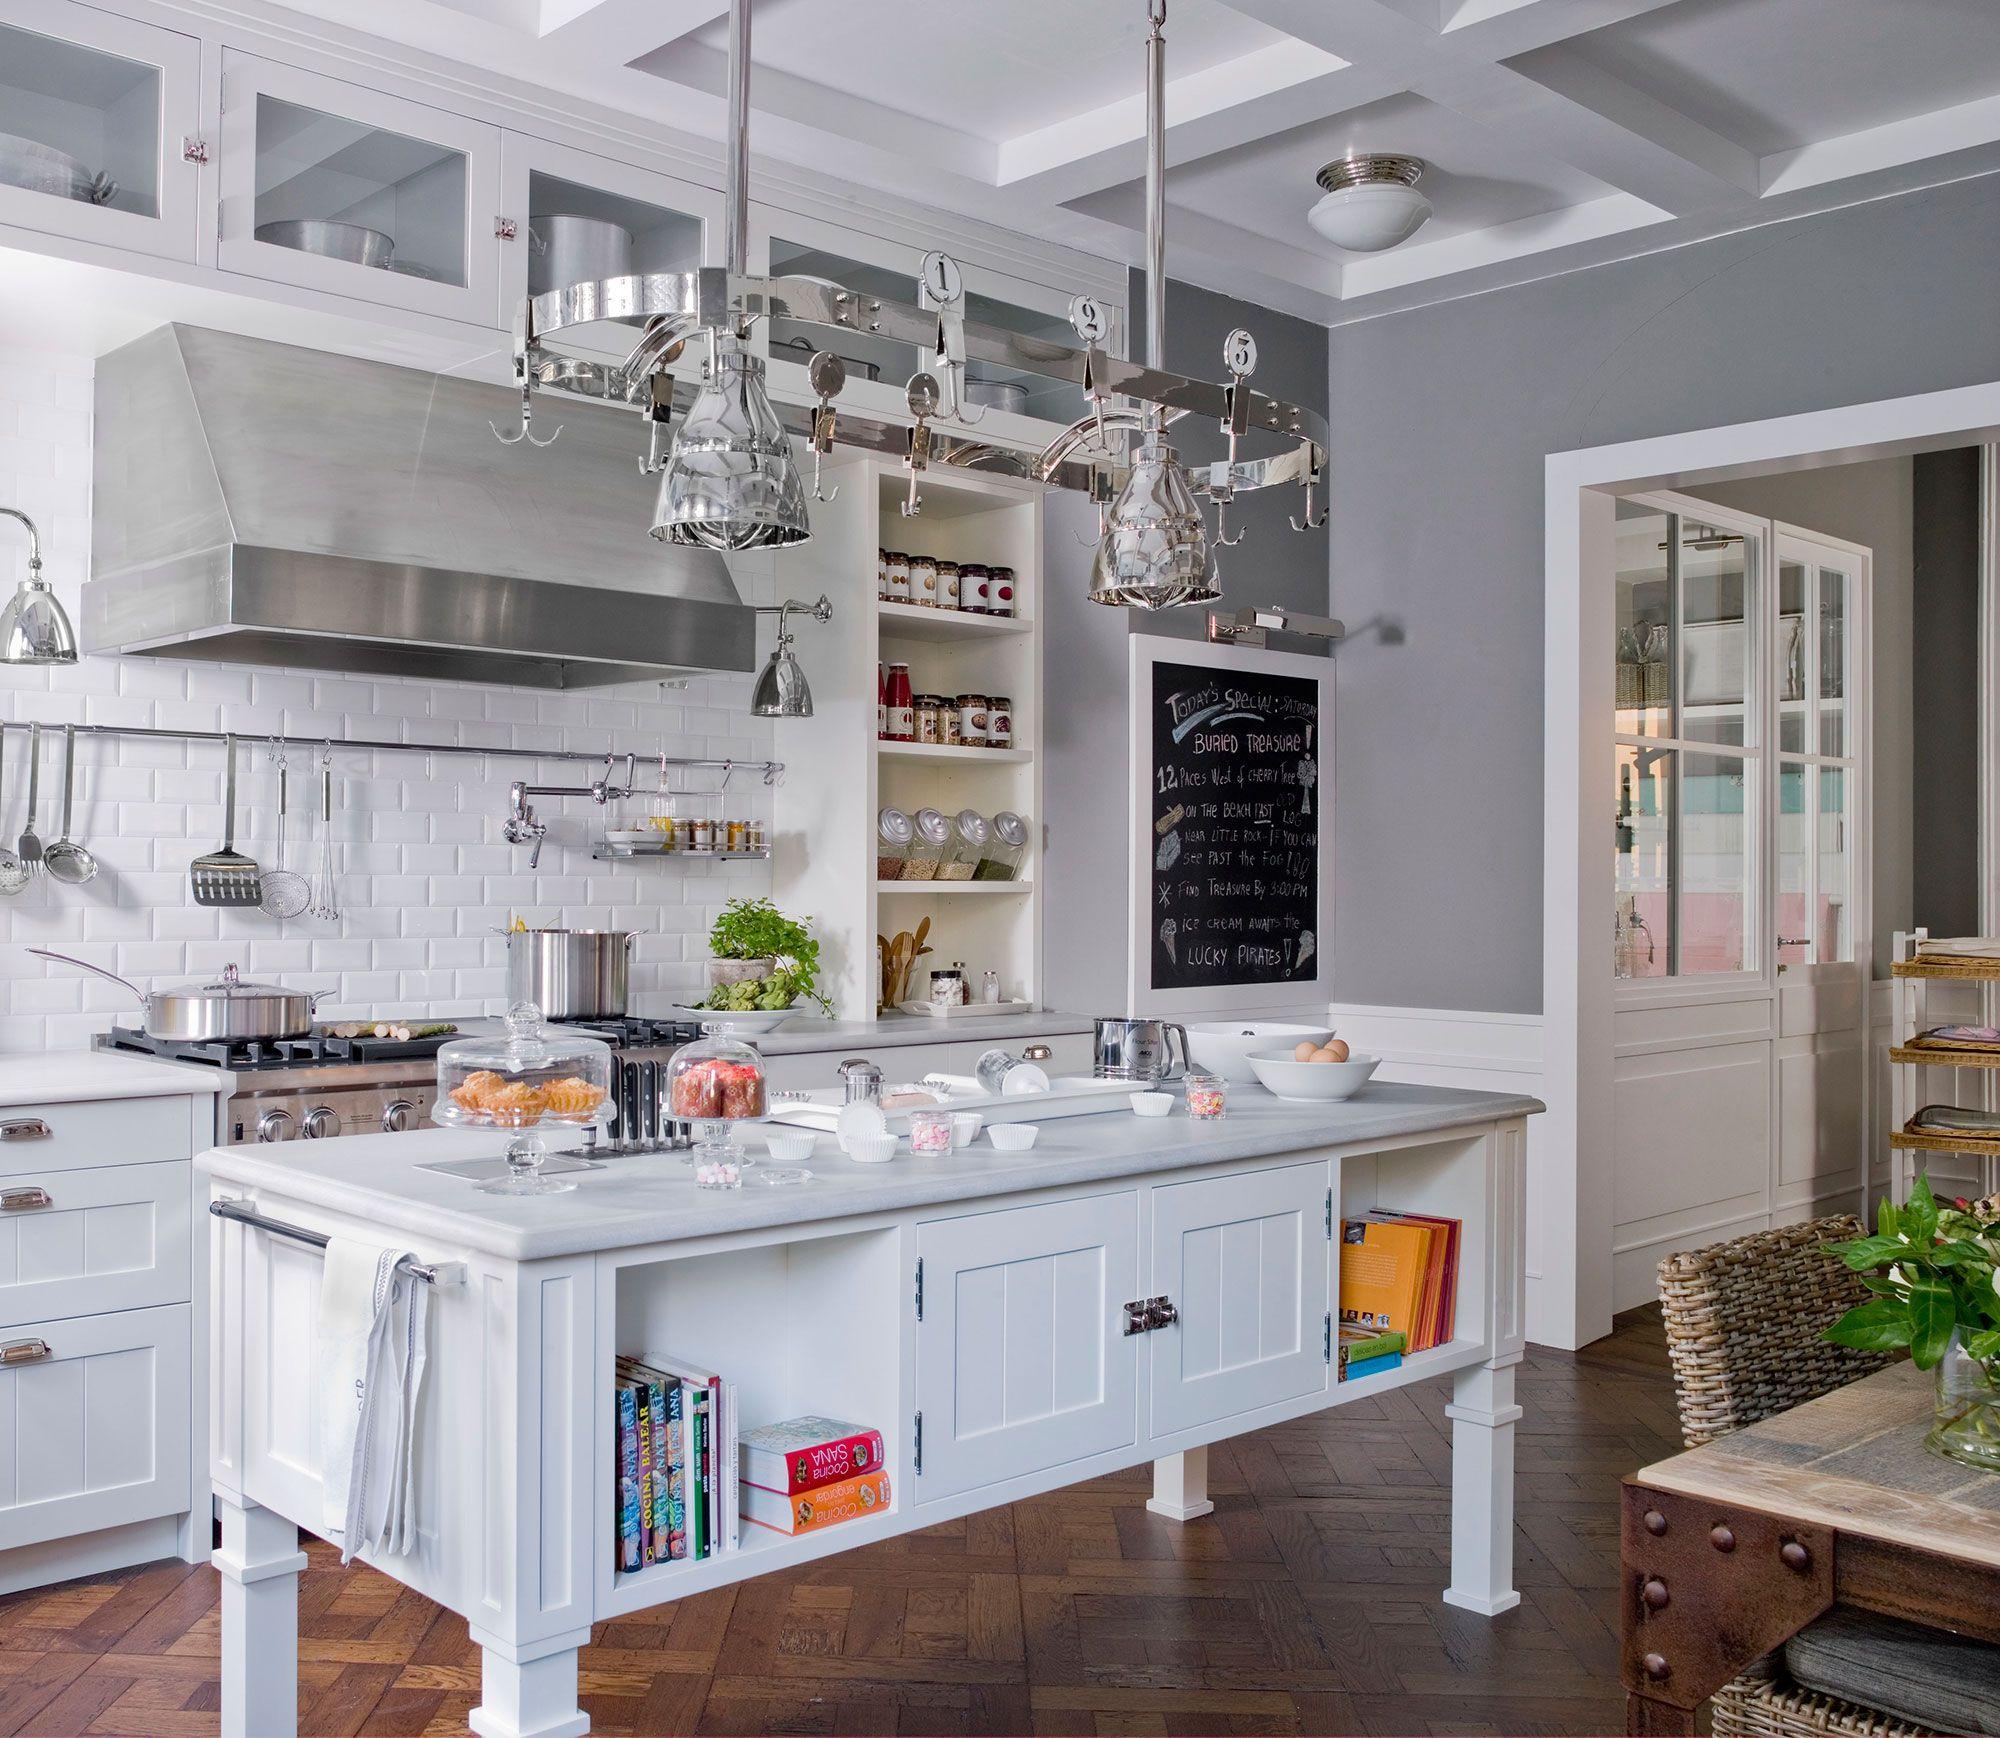 Cocina con isla en blanco y gris y azulejos tipo metro cocina con isla gris y blanco - Tipos de azulejos para cocina ...